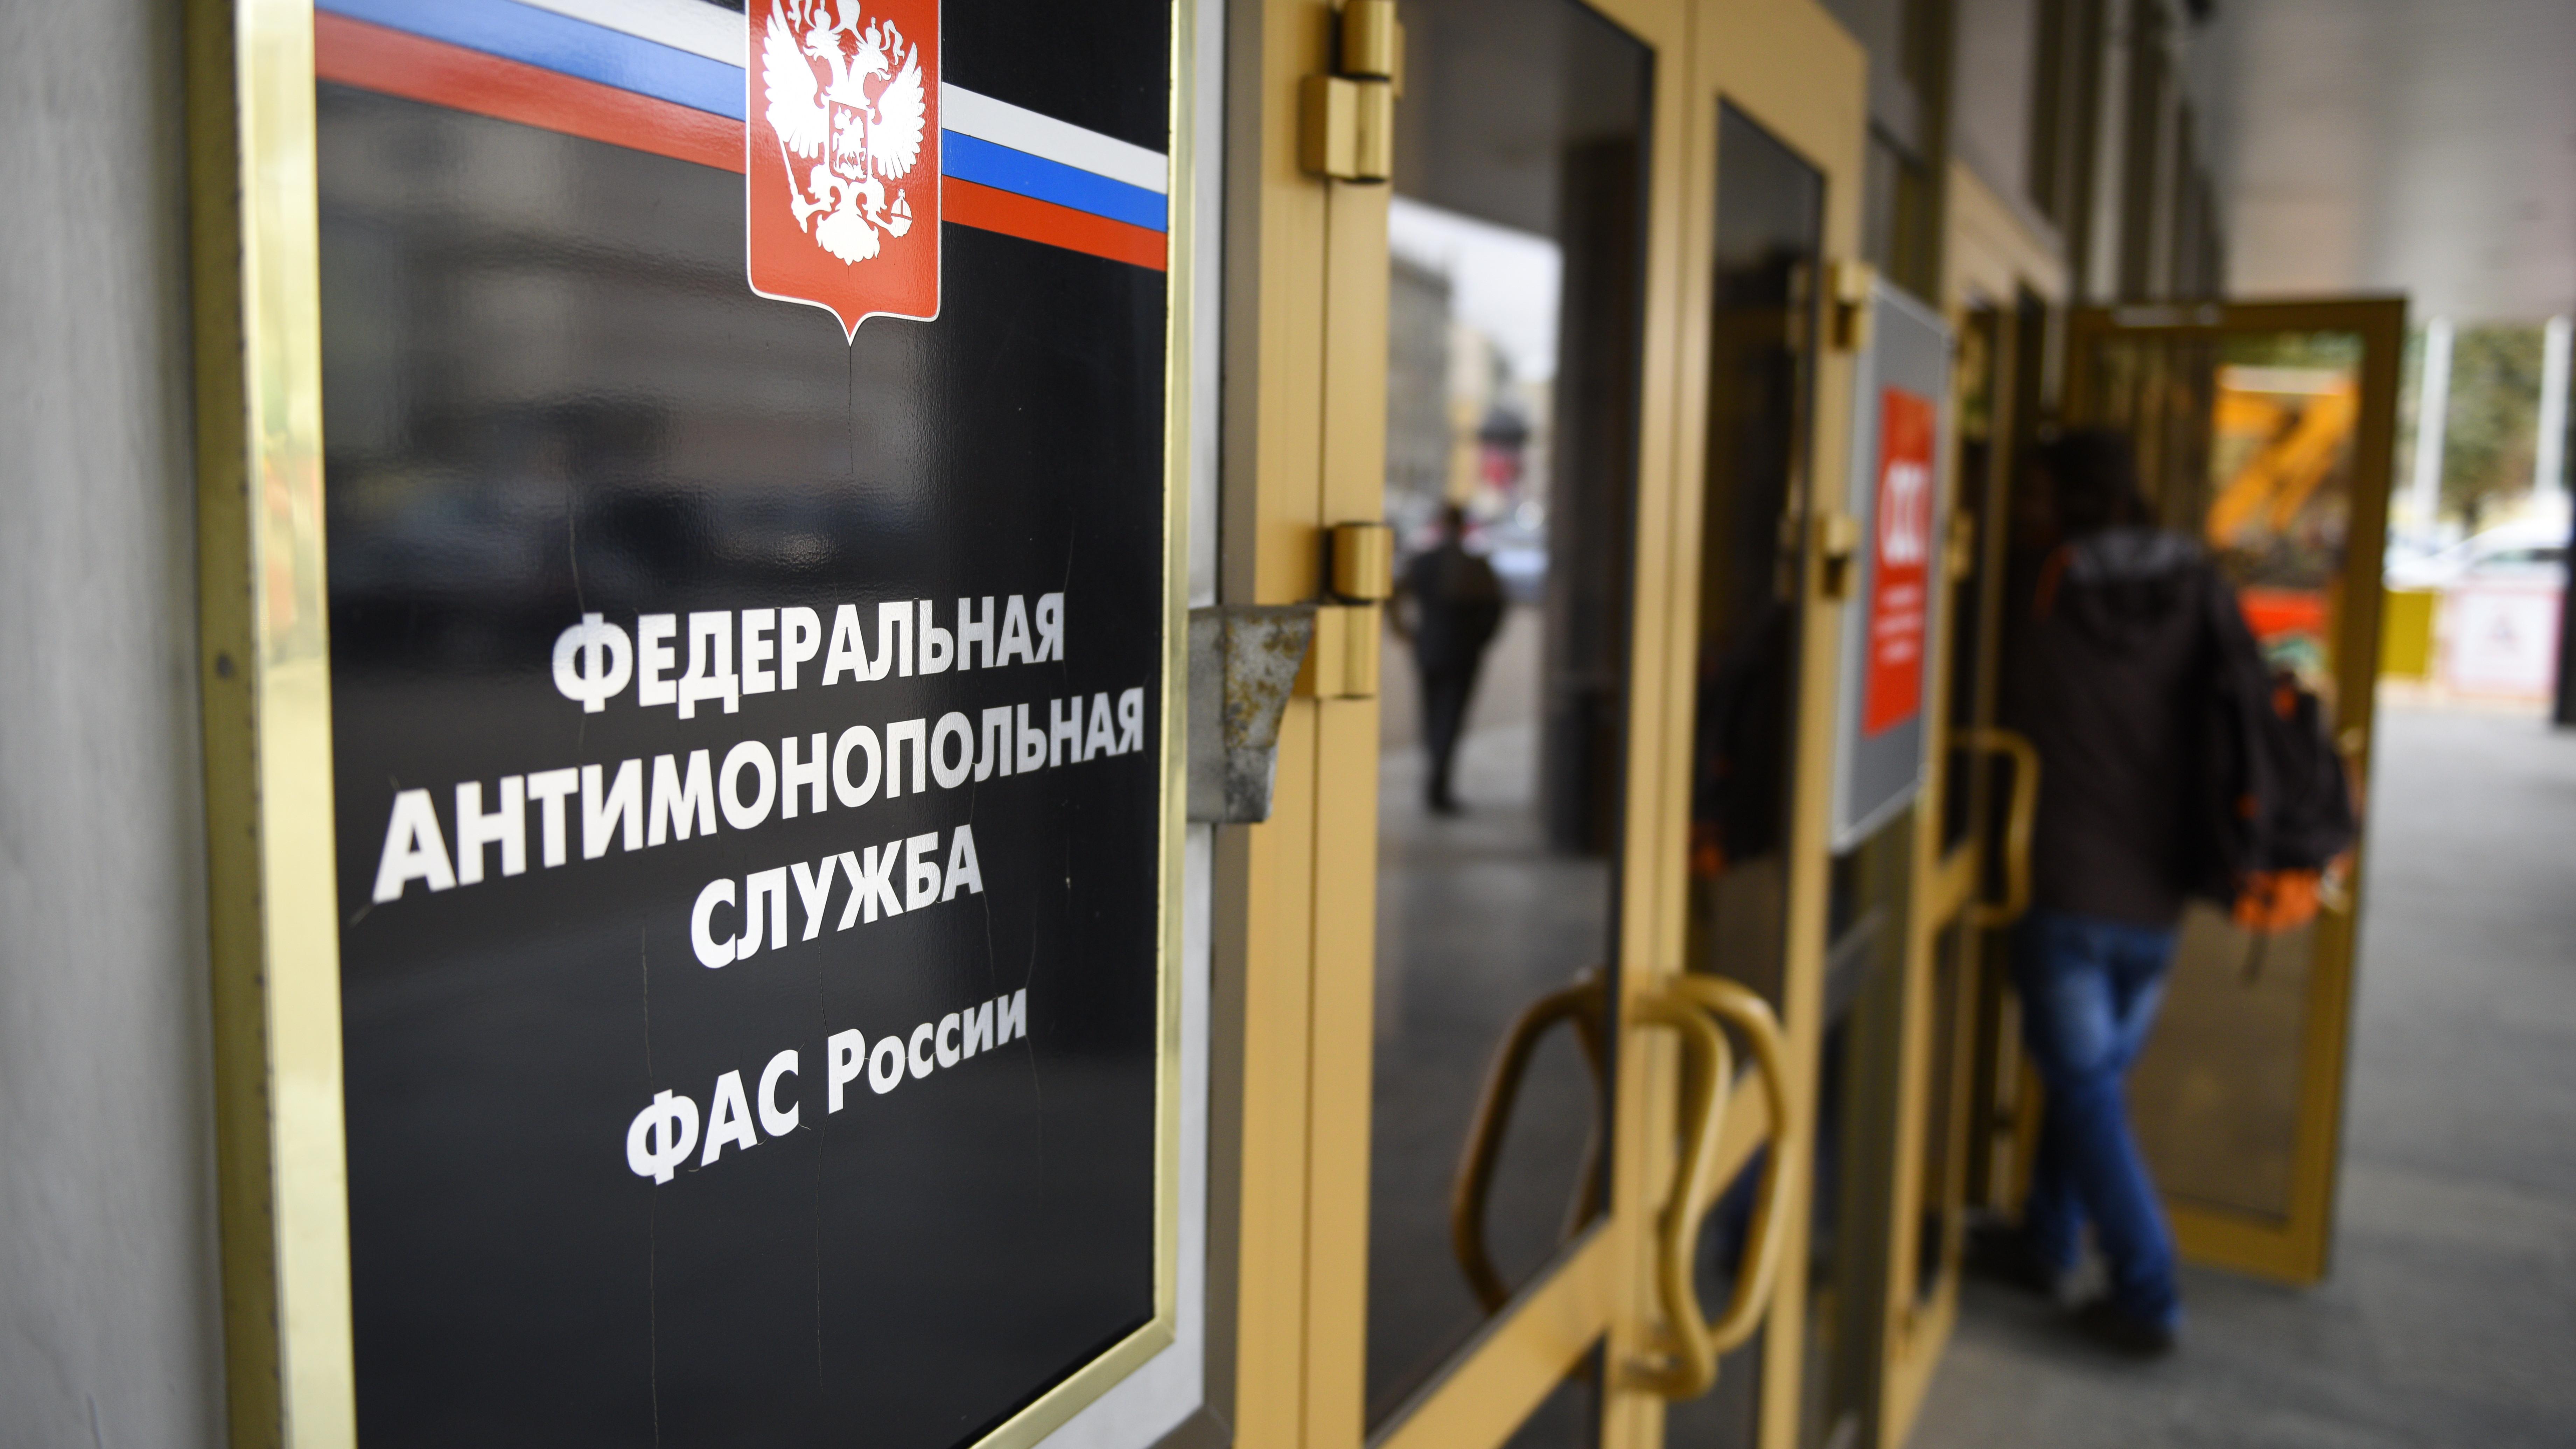 Суд поддержал решение УФАС об отказе во включении фирмы в реестр недобросовестных поставщиков